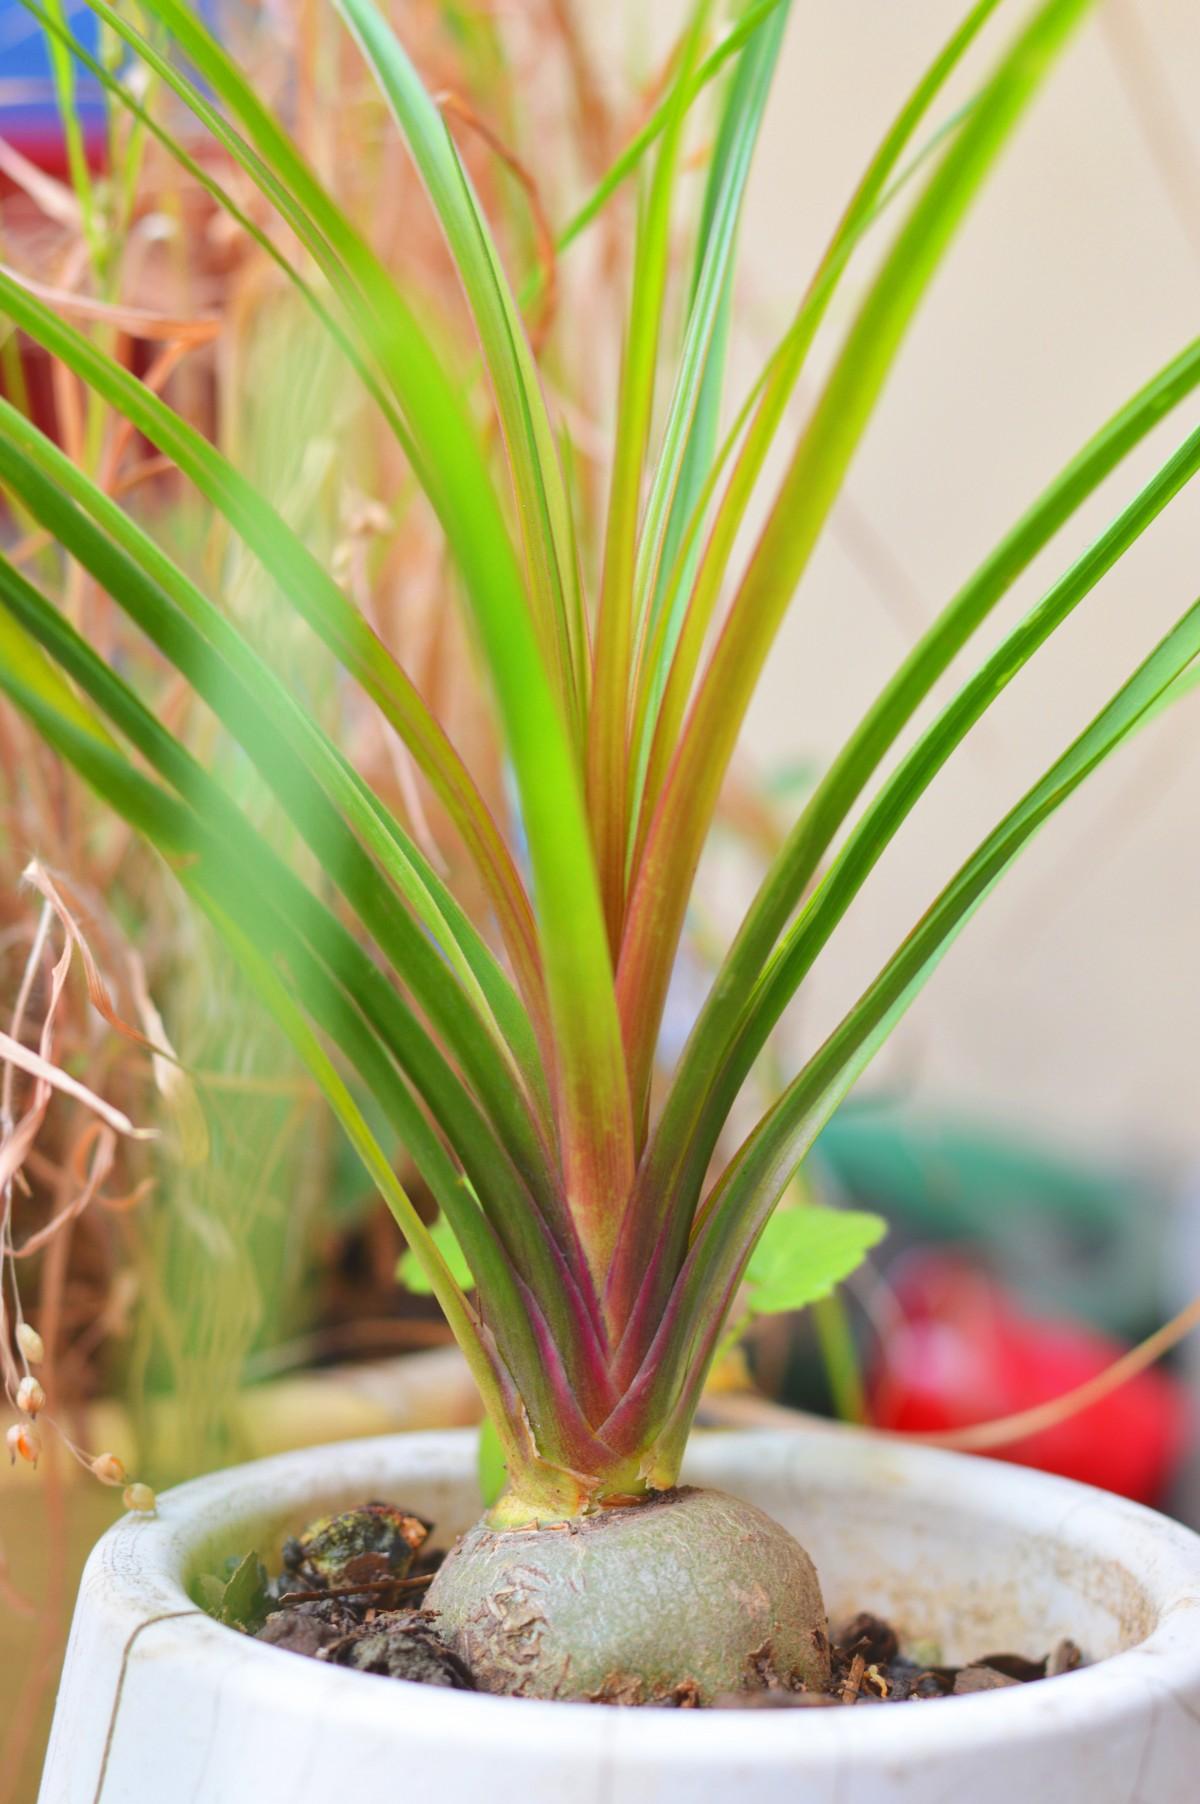 kostenlose foto natur pflanze wei blume laub vase gr n kraut zimmerpflanze totes. Black Bedroom Furniture Sets. Home Design Ideas